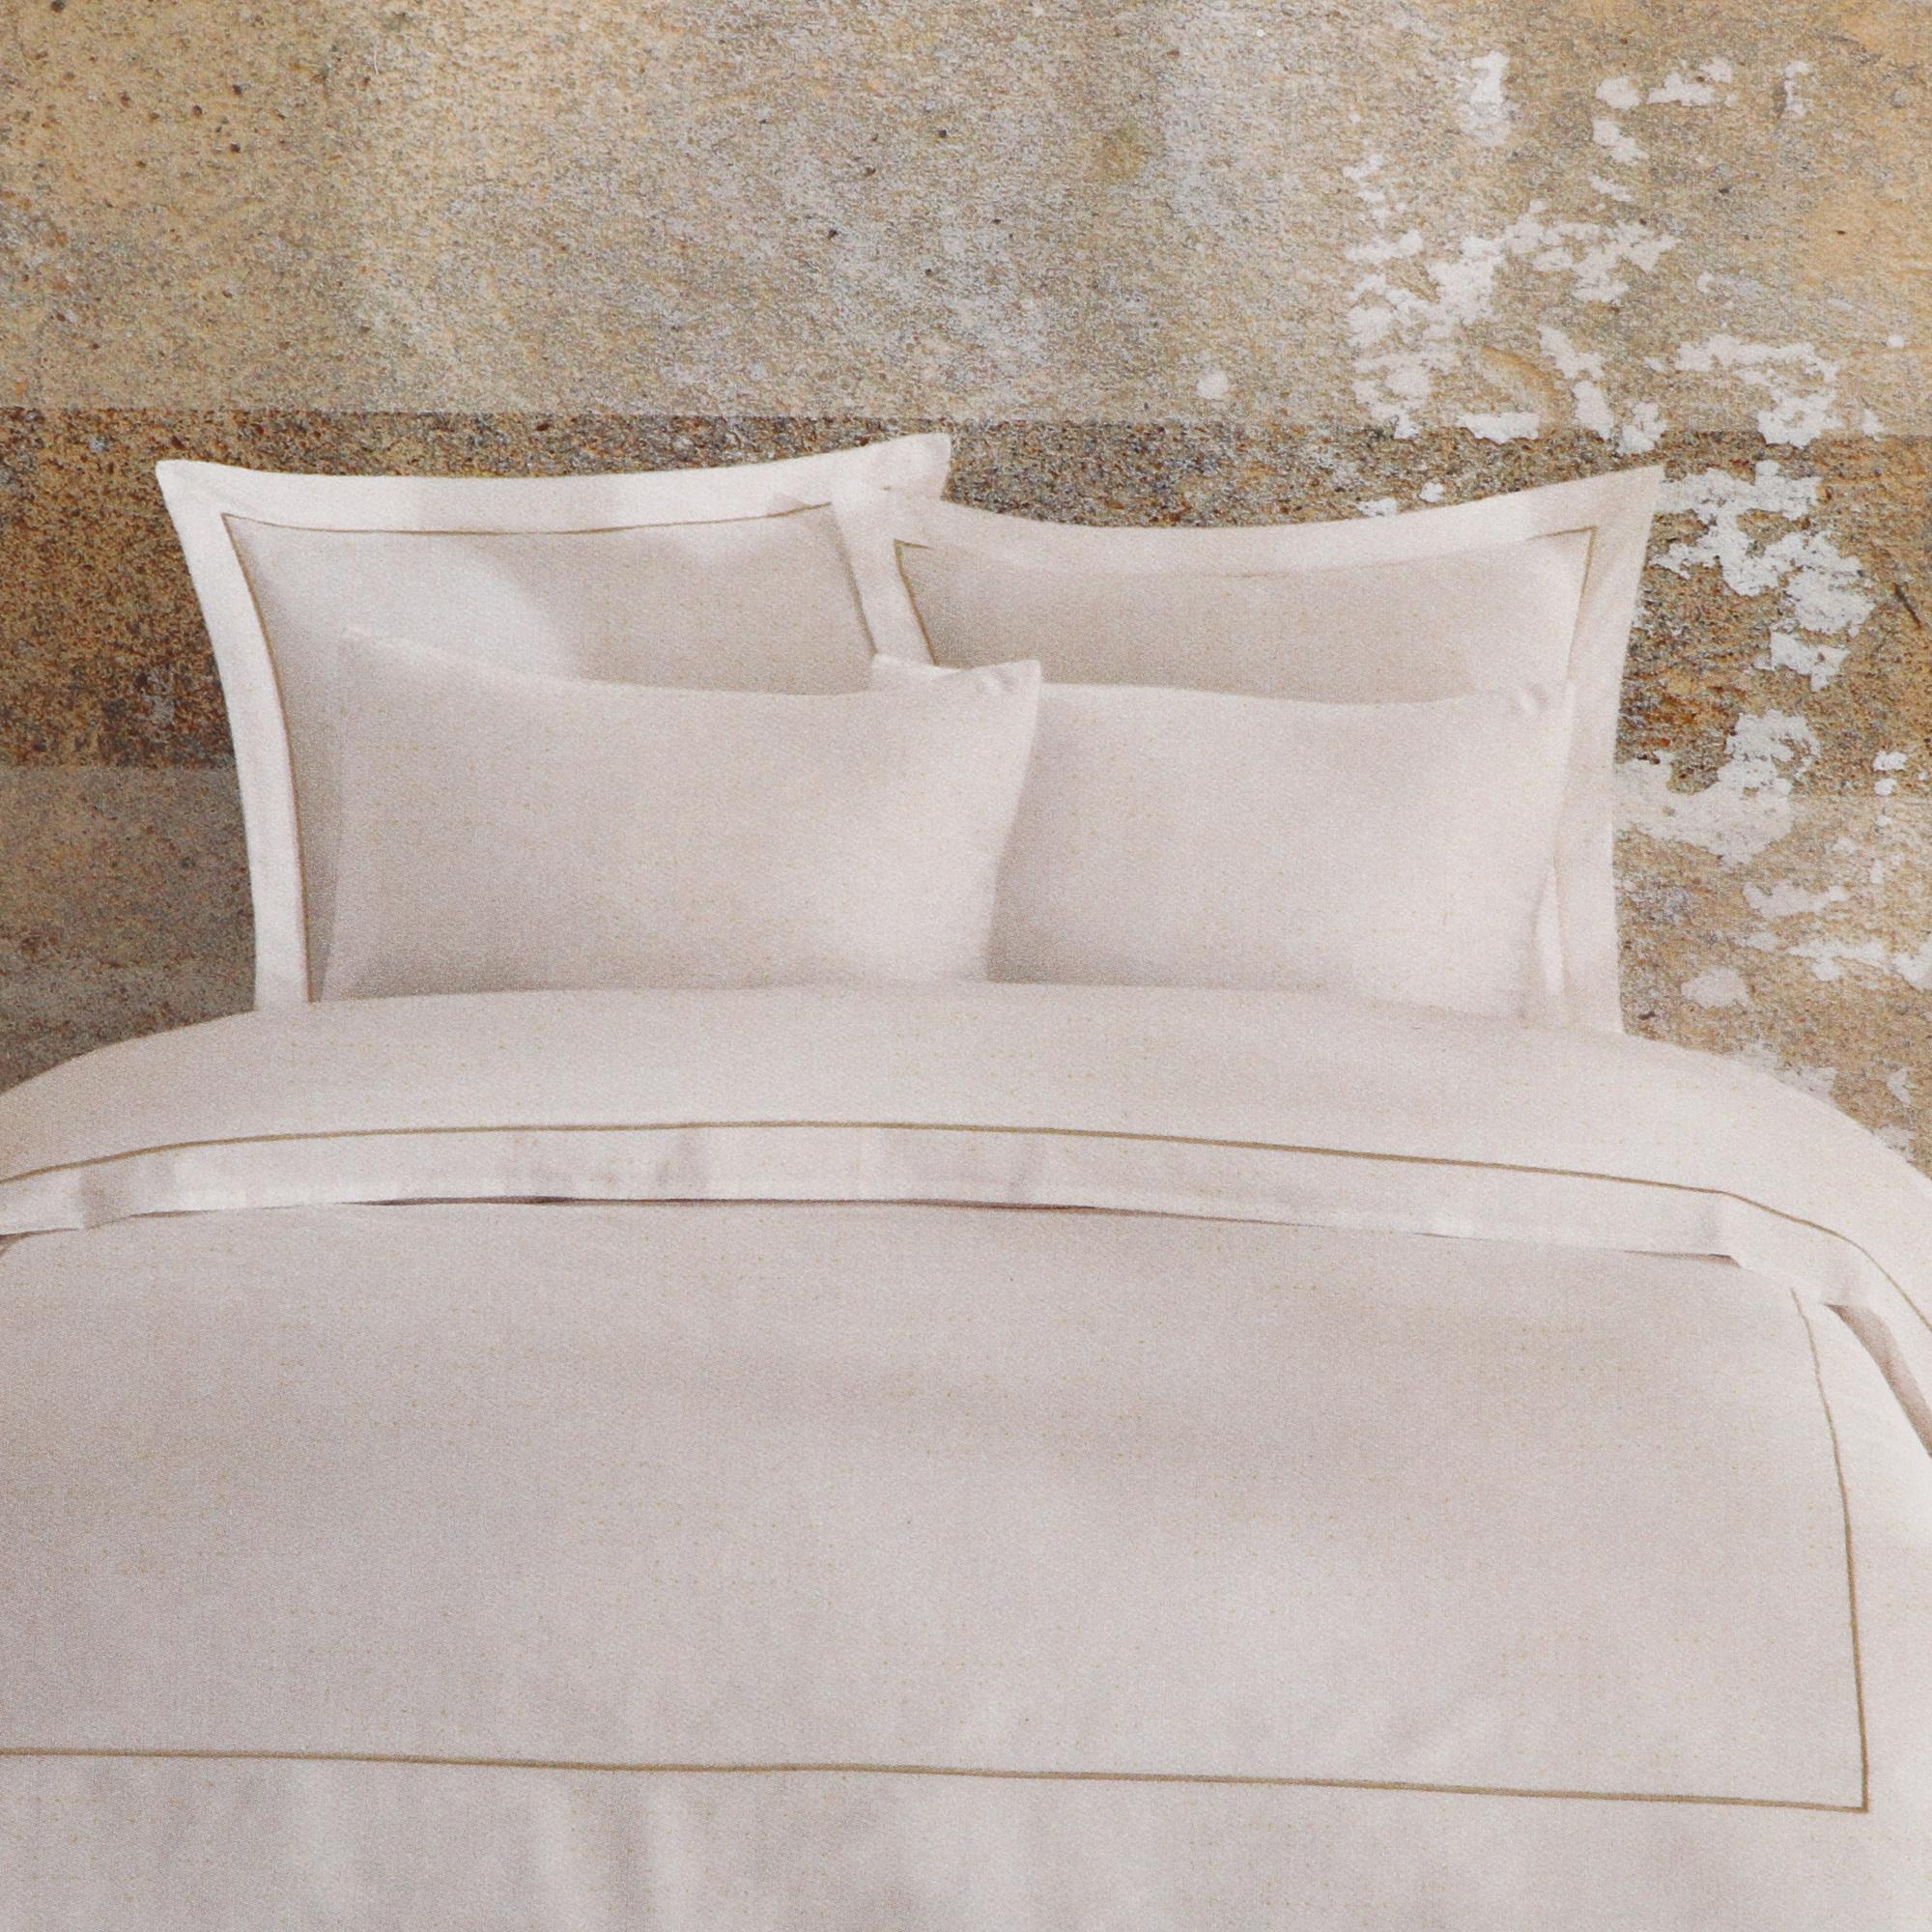 Постельный комплект Bella casa евро white / golden olive stripes постельный комплект bella casa 1 5сп white golden olive stripes